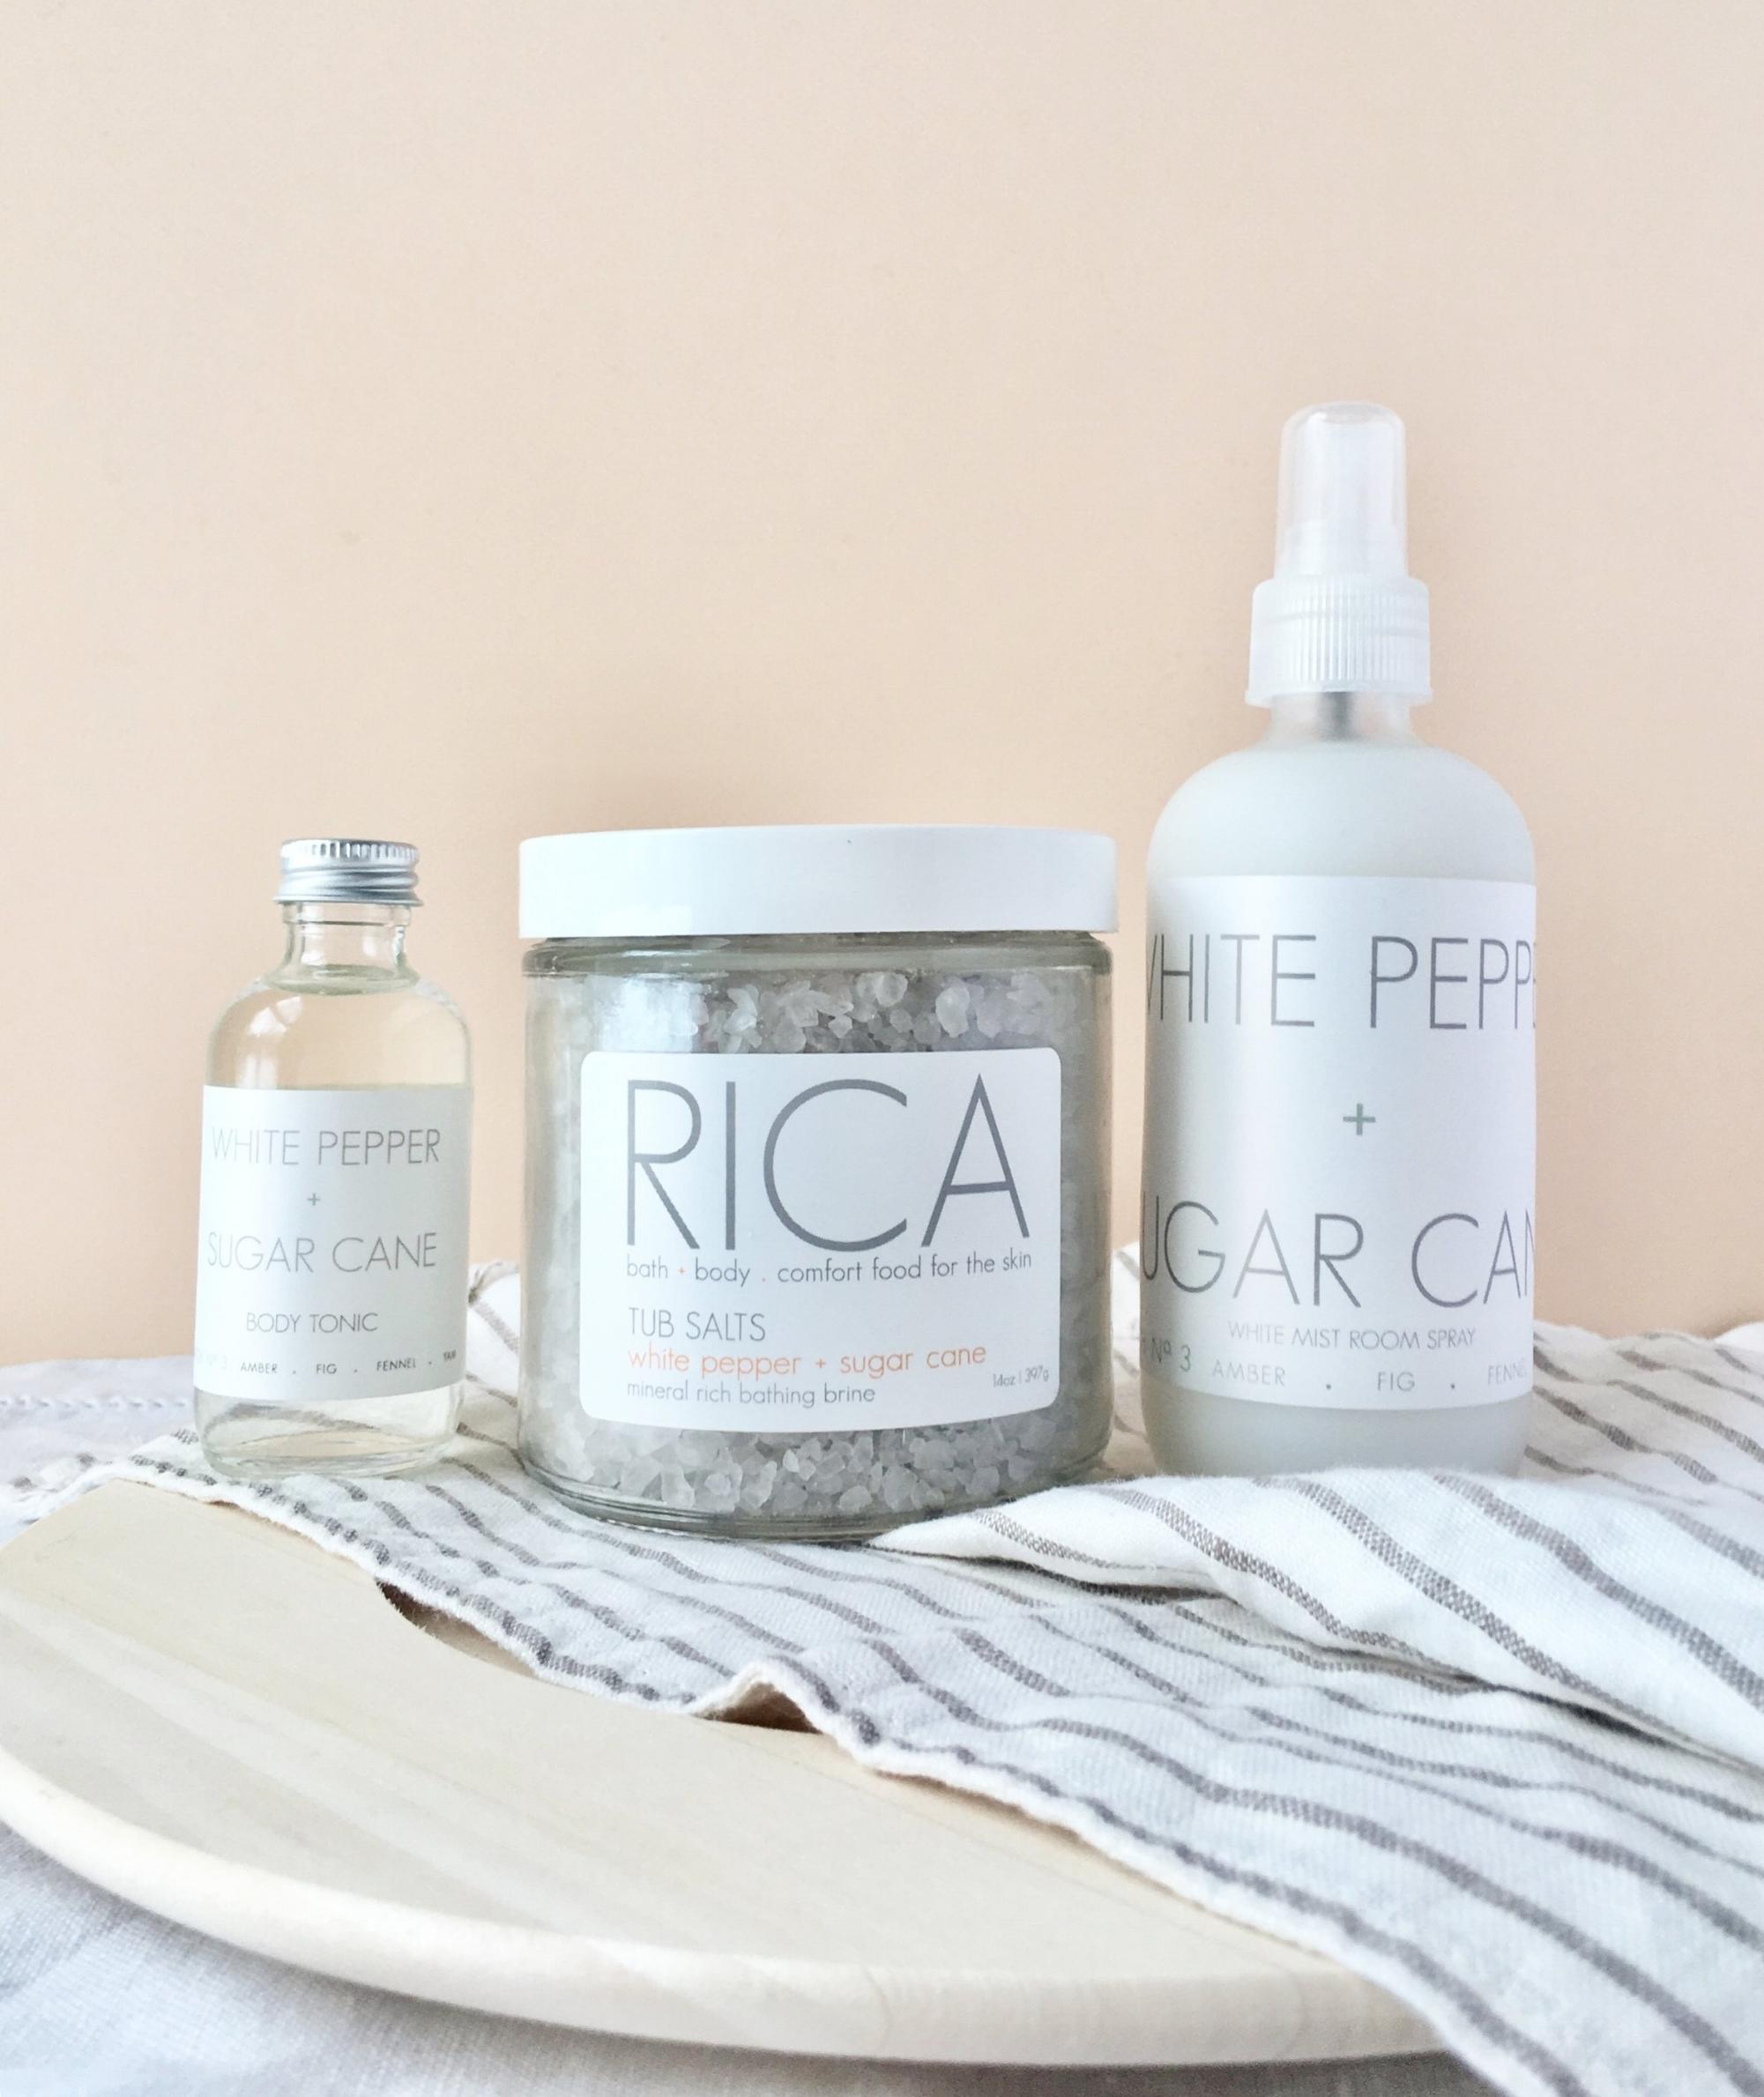 White Pepper + Sugar Cane Body Tonic Tub Salt White Mist Room Spray.JPG